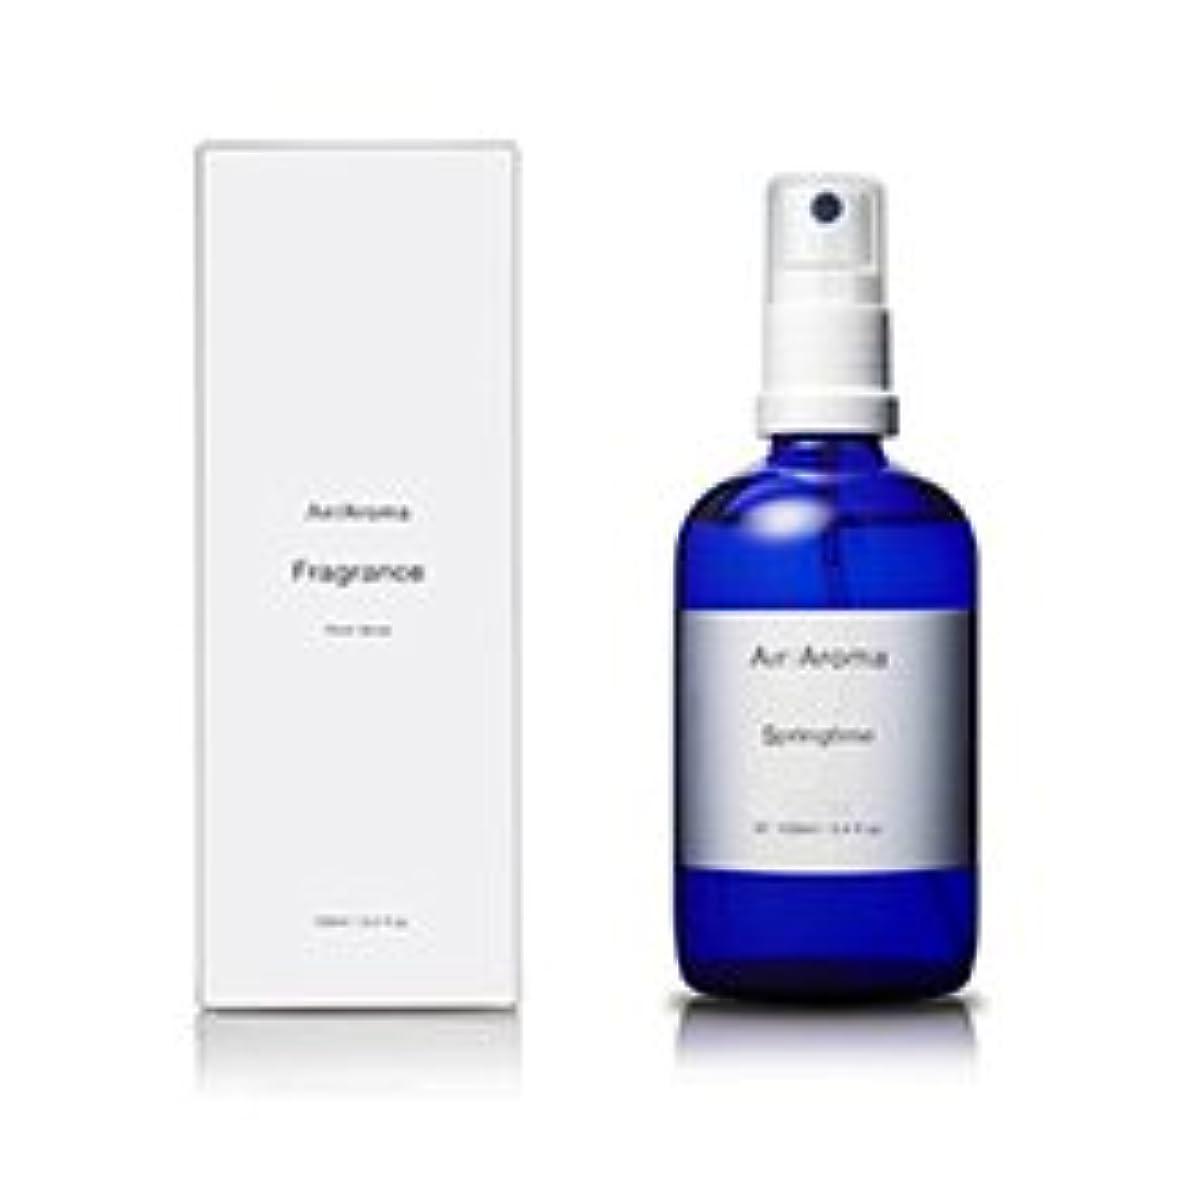 磨かれた重なる通常エアアロマ springtime room fragrance(スプリングタイム ルームフレグランス)100ml